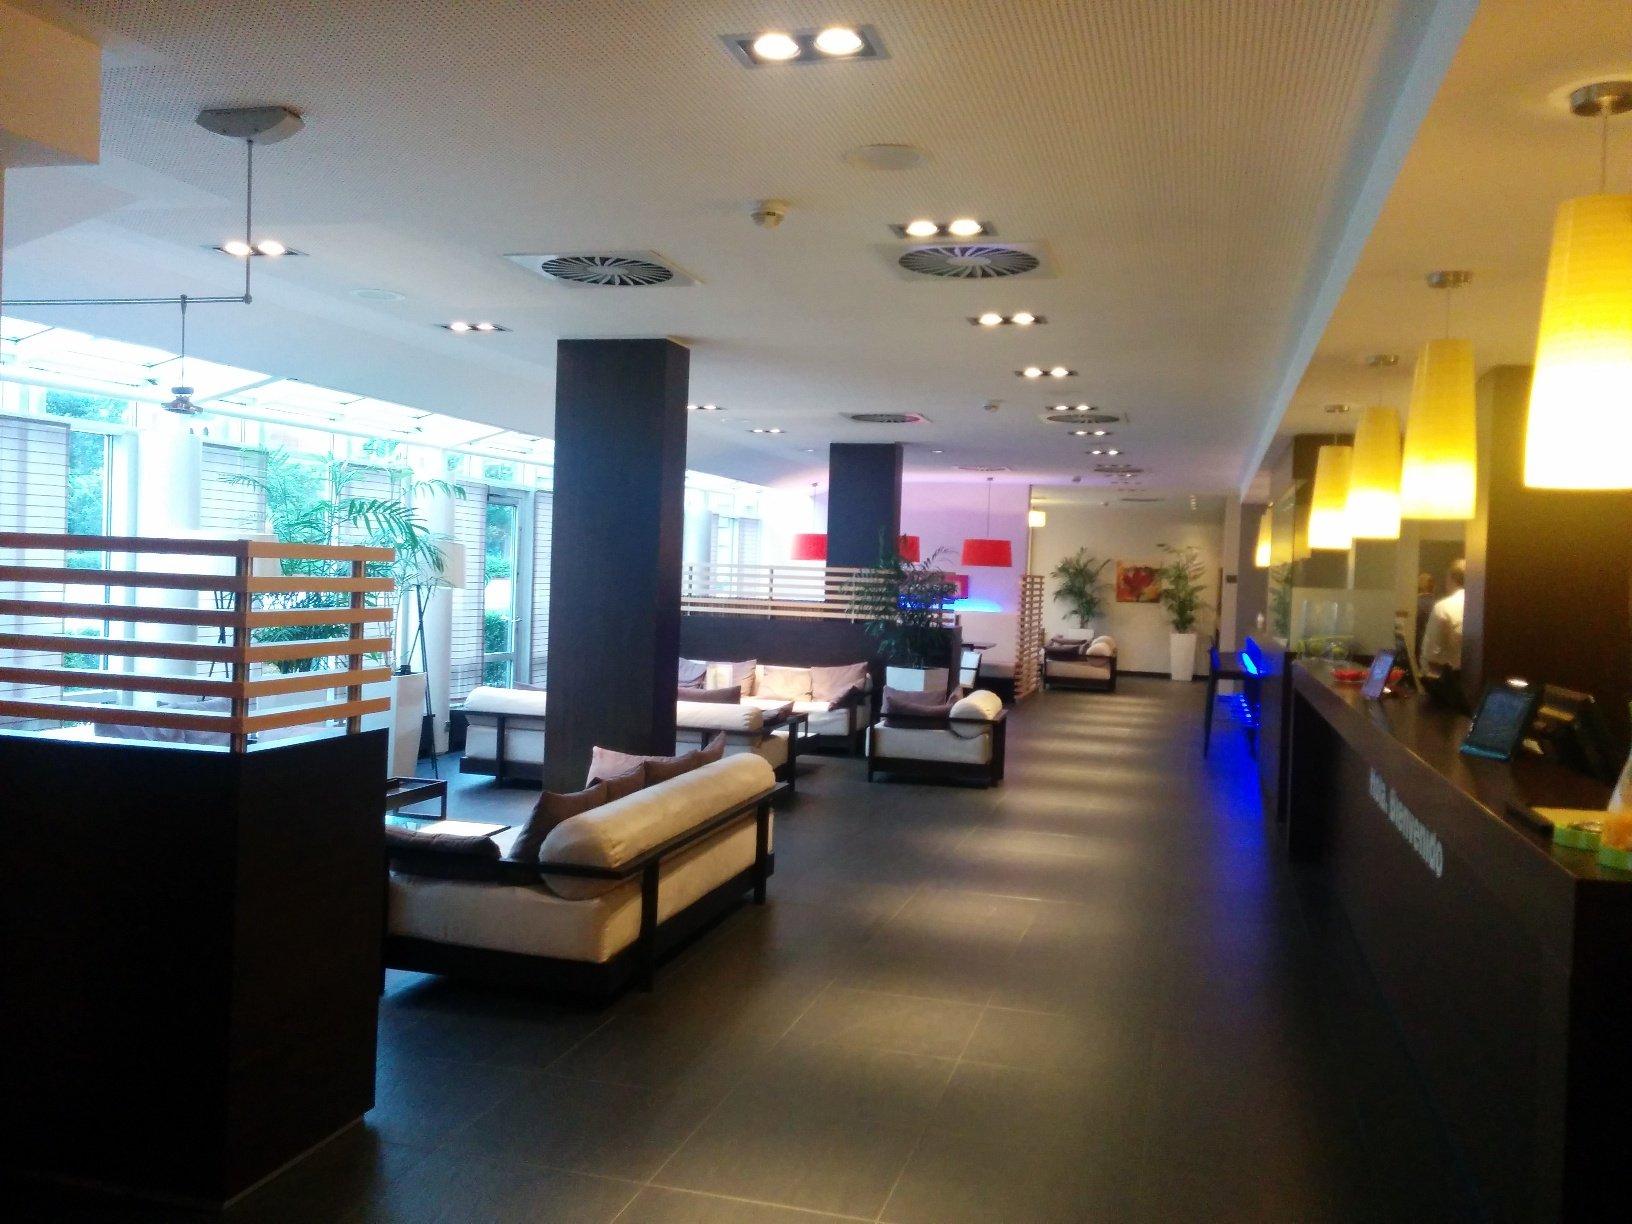 Schicke Lobby des NH Hotel Hamburg Mitte